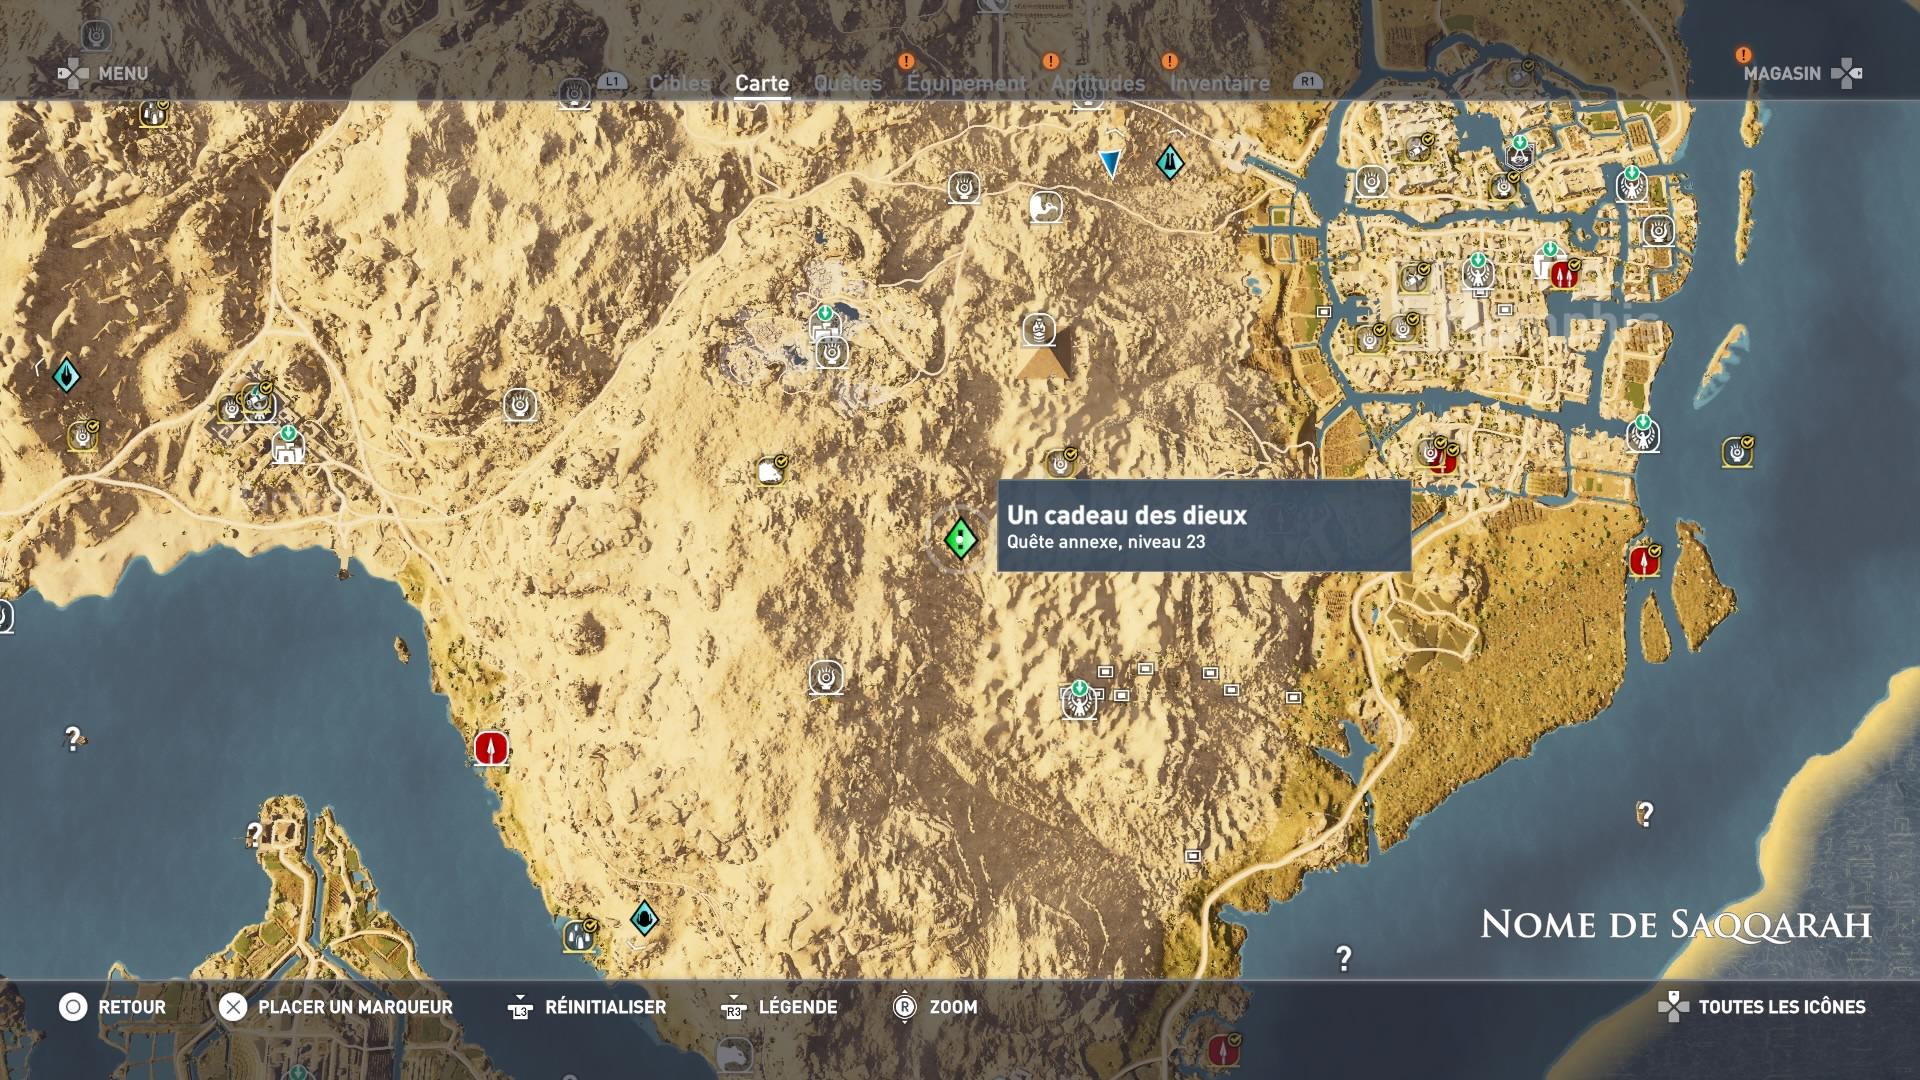 1513778478 7901 capture d ecran - [Soluce] Assassin's Creed Origins - Mission Final Fantasy 15